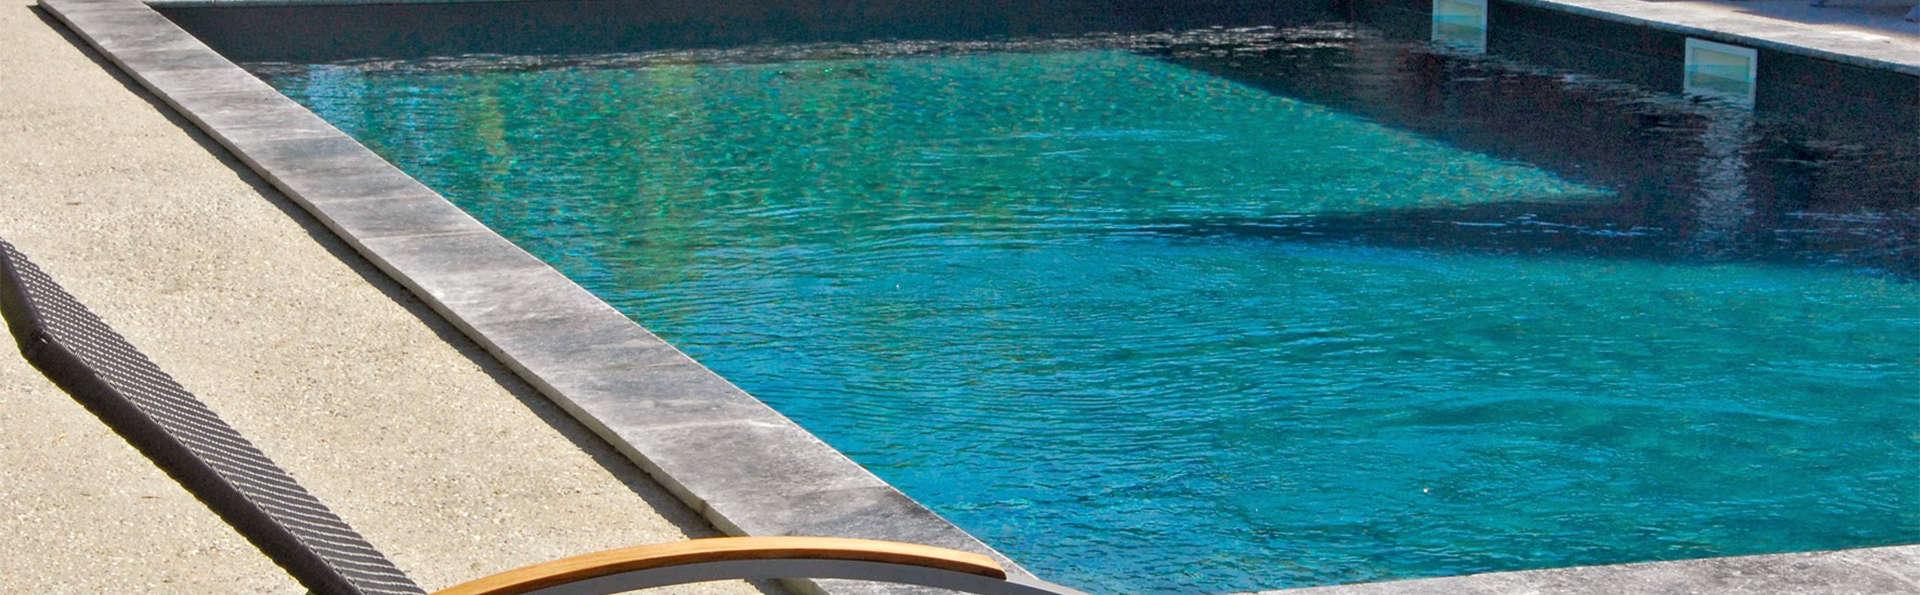 Escapada relax con acceso al spa en la bahía de Arcachon